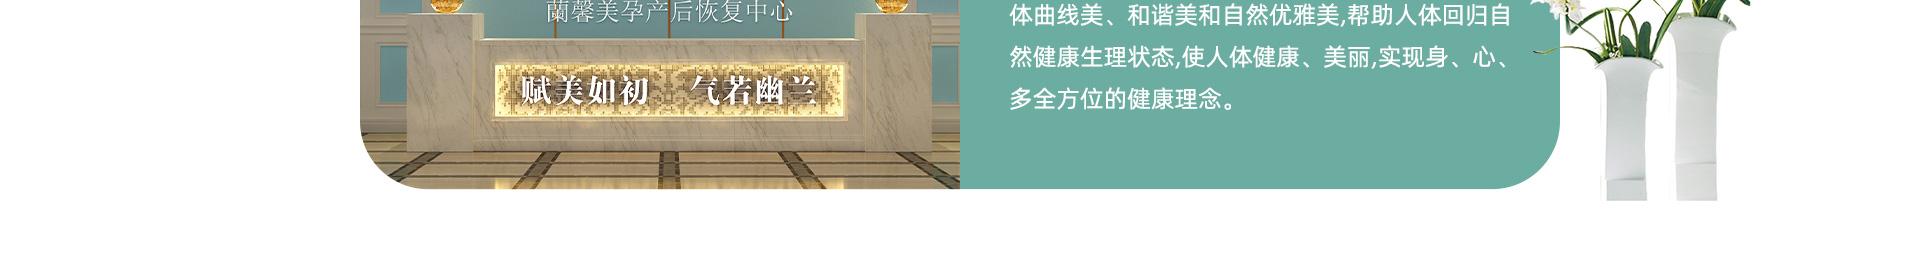 蘭馨美孕产后复龄中心详情页_05